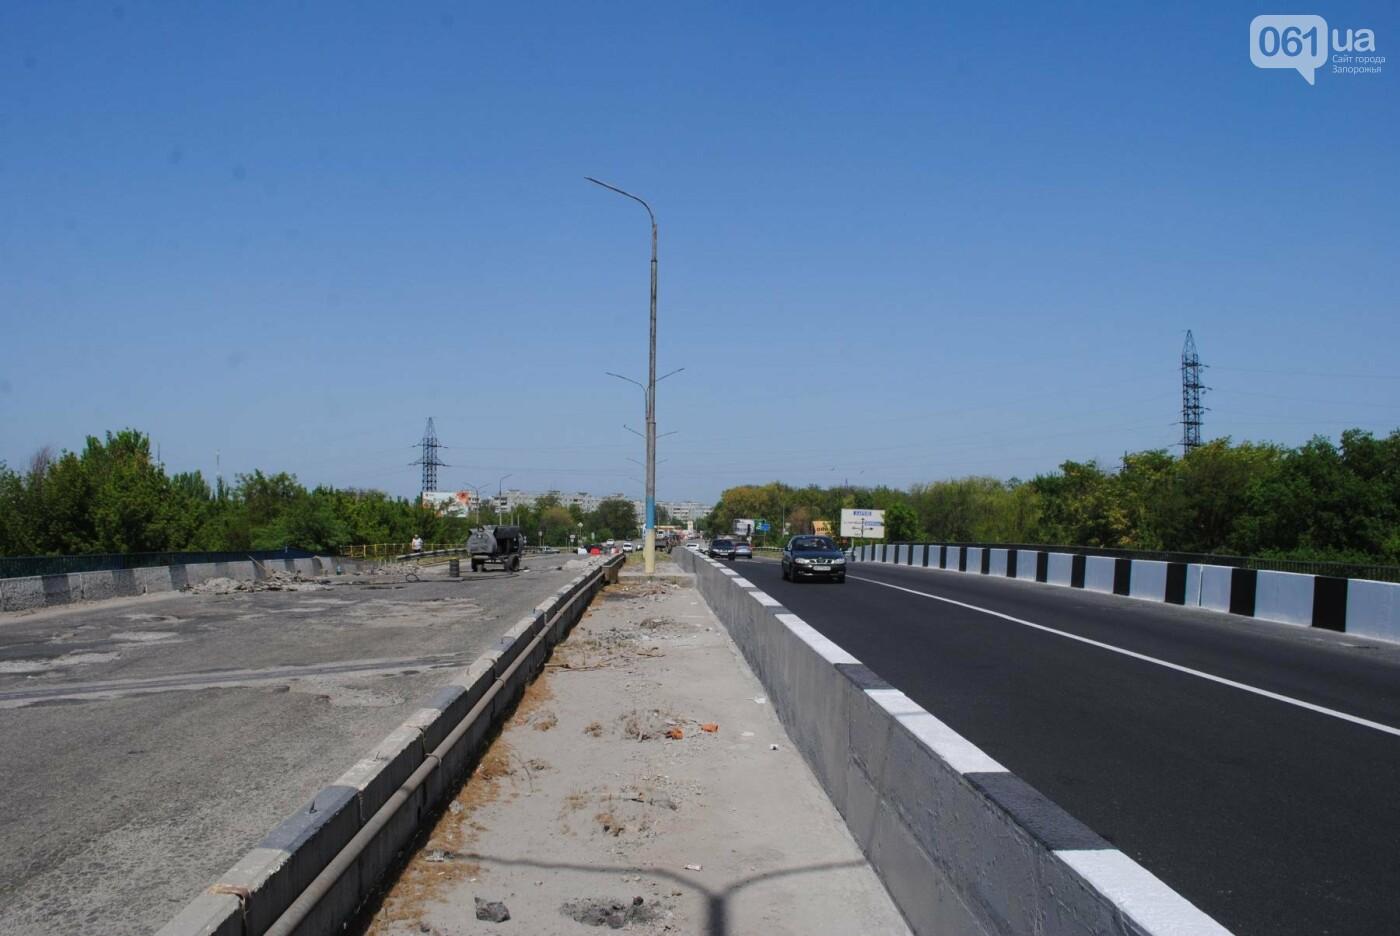 Ремонт моста на трассе в Запорожье: сначала мешали дожди, теперь — жара, - ФОТО, фото-3